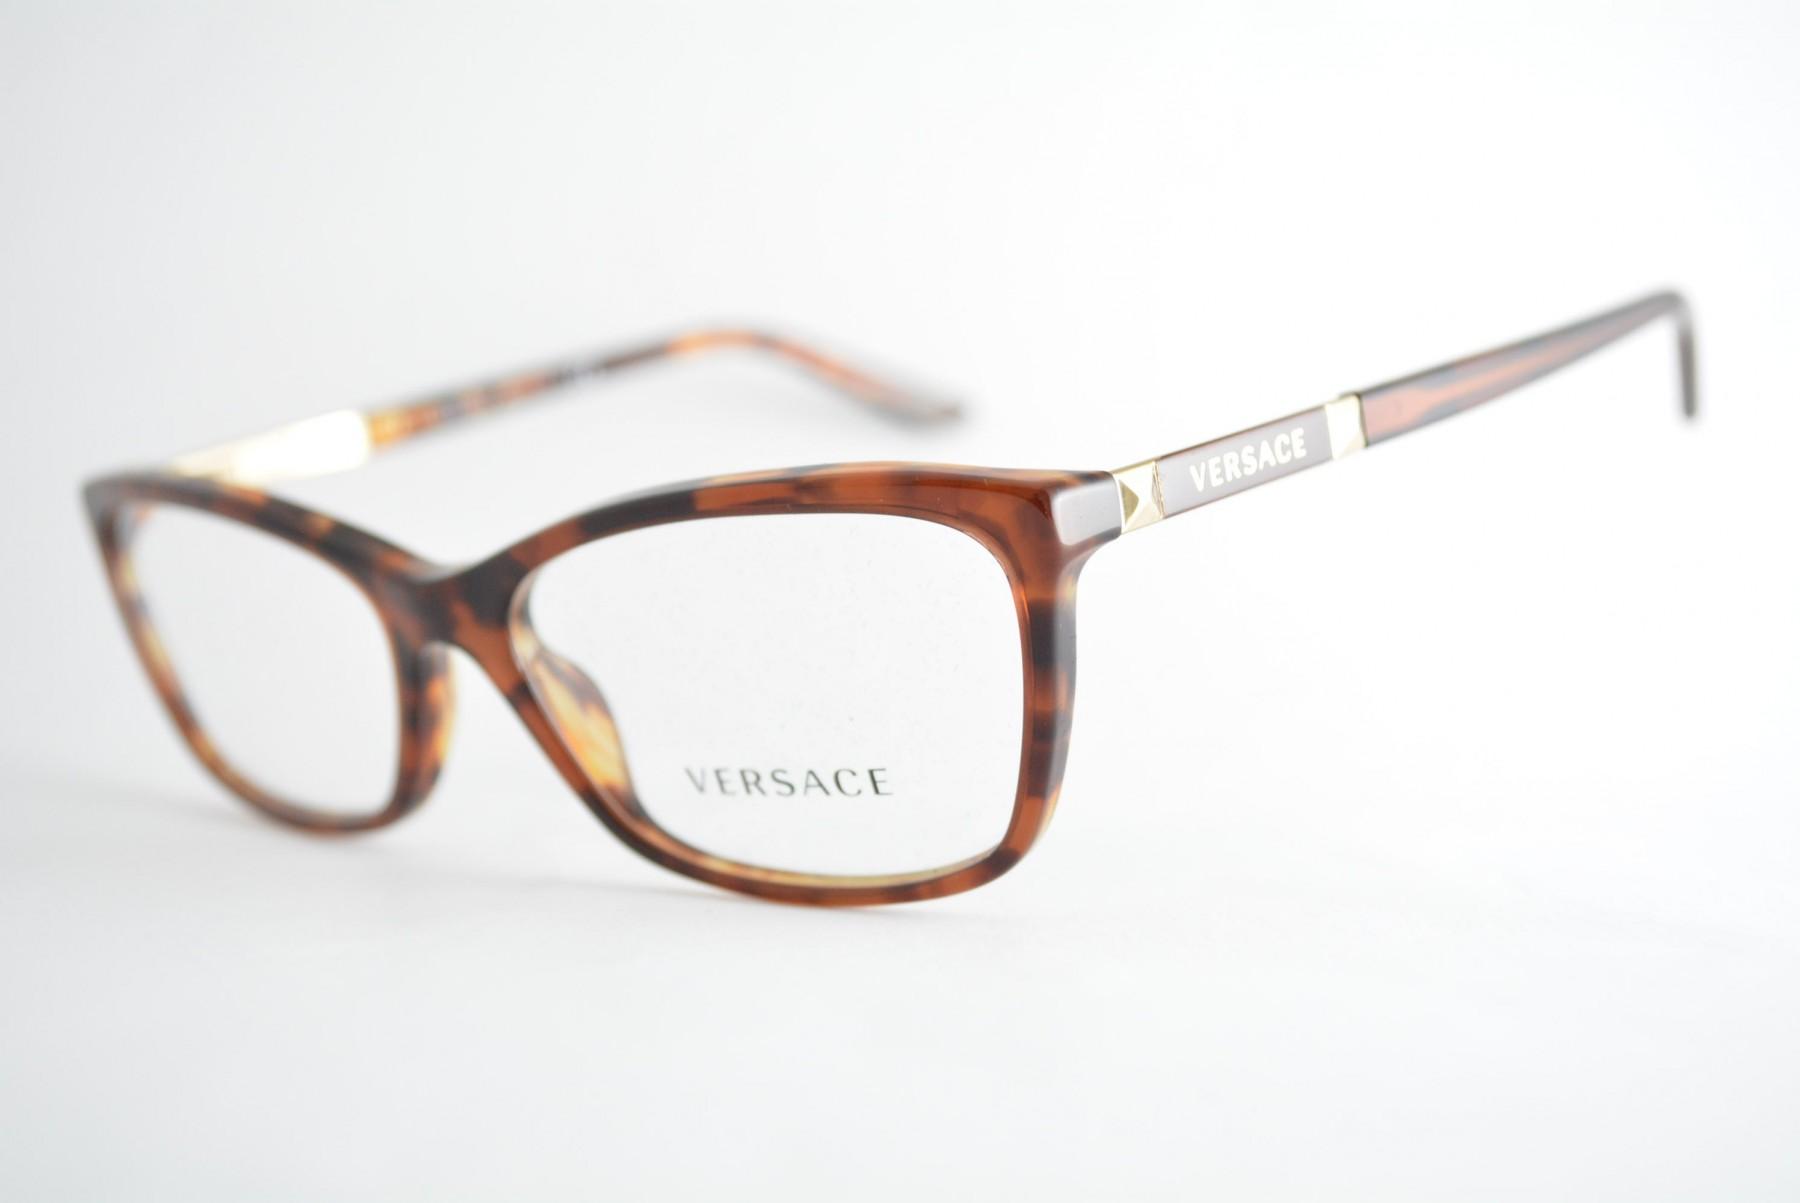 armação de óculos Versace mod 3186 5077 Ótica Cardoso 3c84836cd8